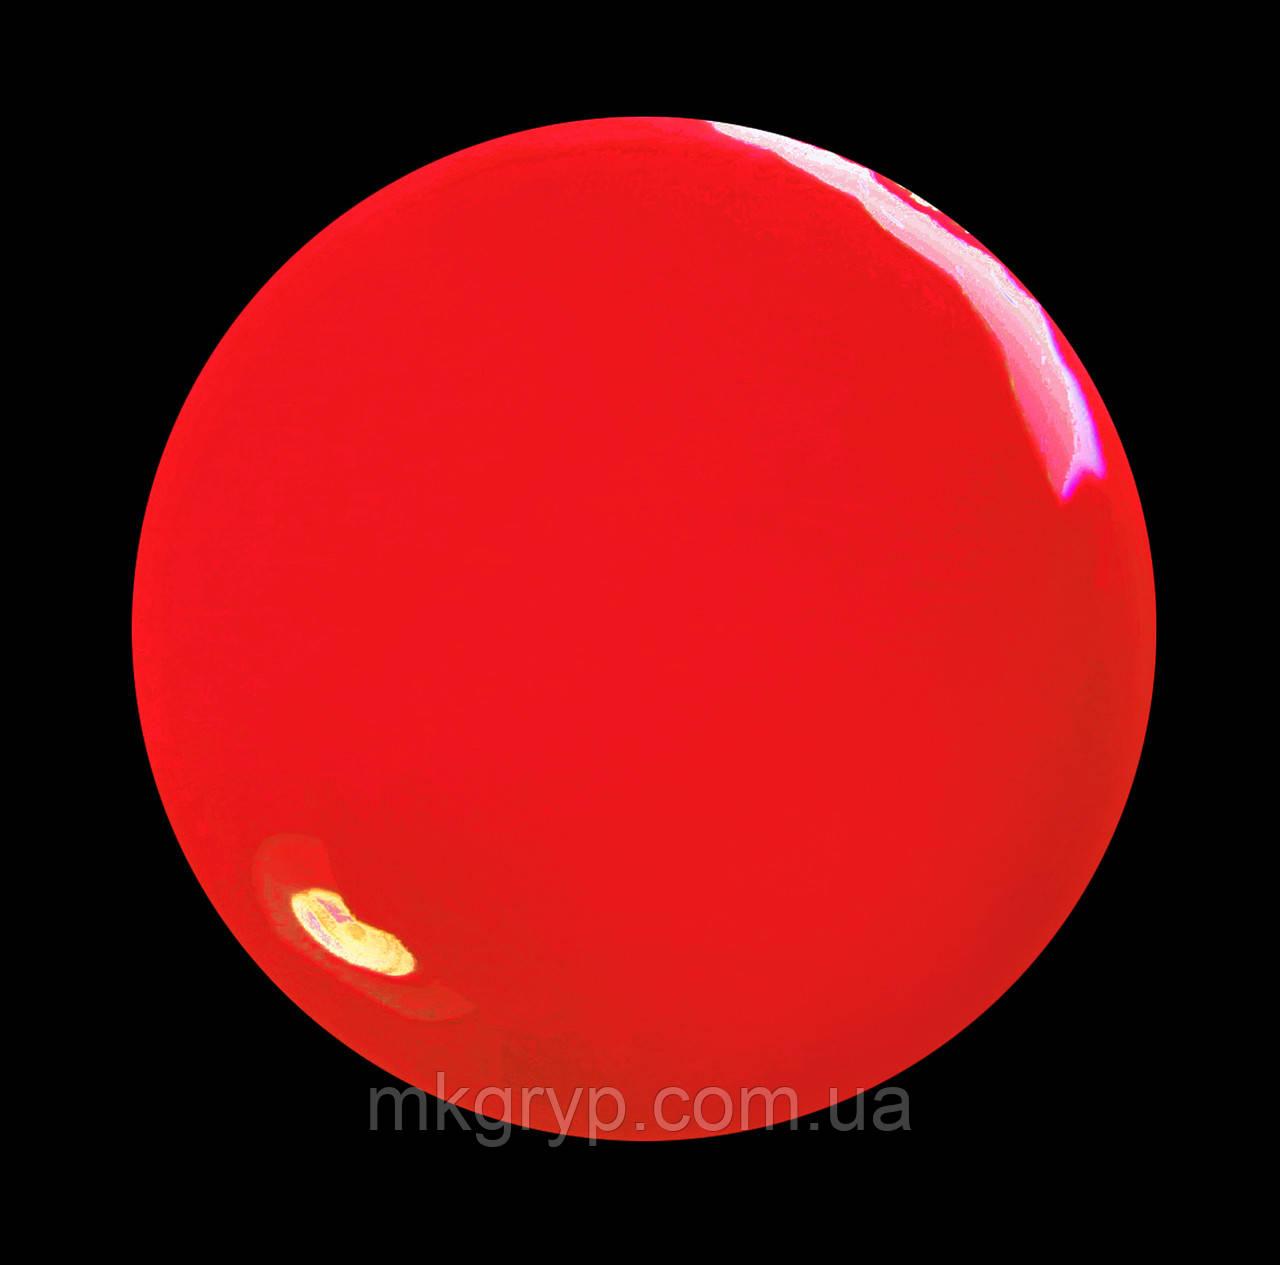 Шеллак Глобал № 52  классический красный с микроблеском  10 мл